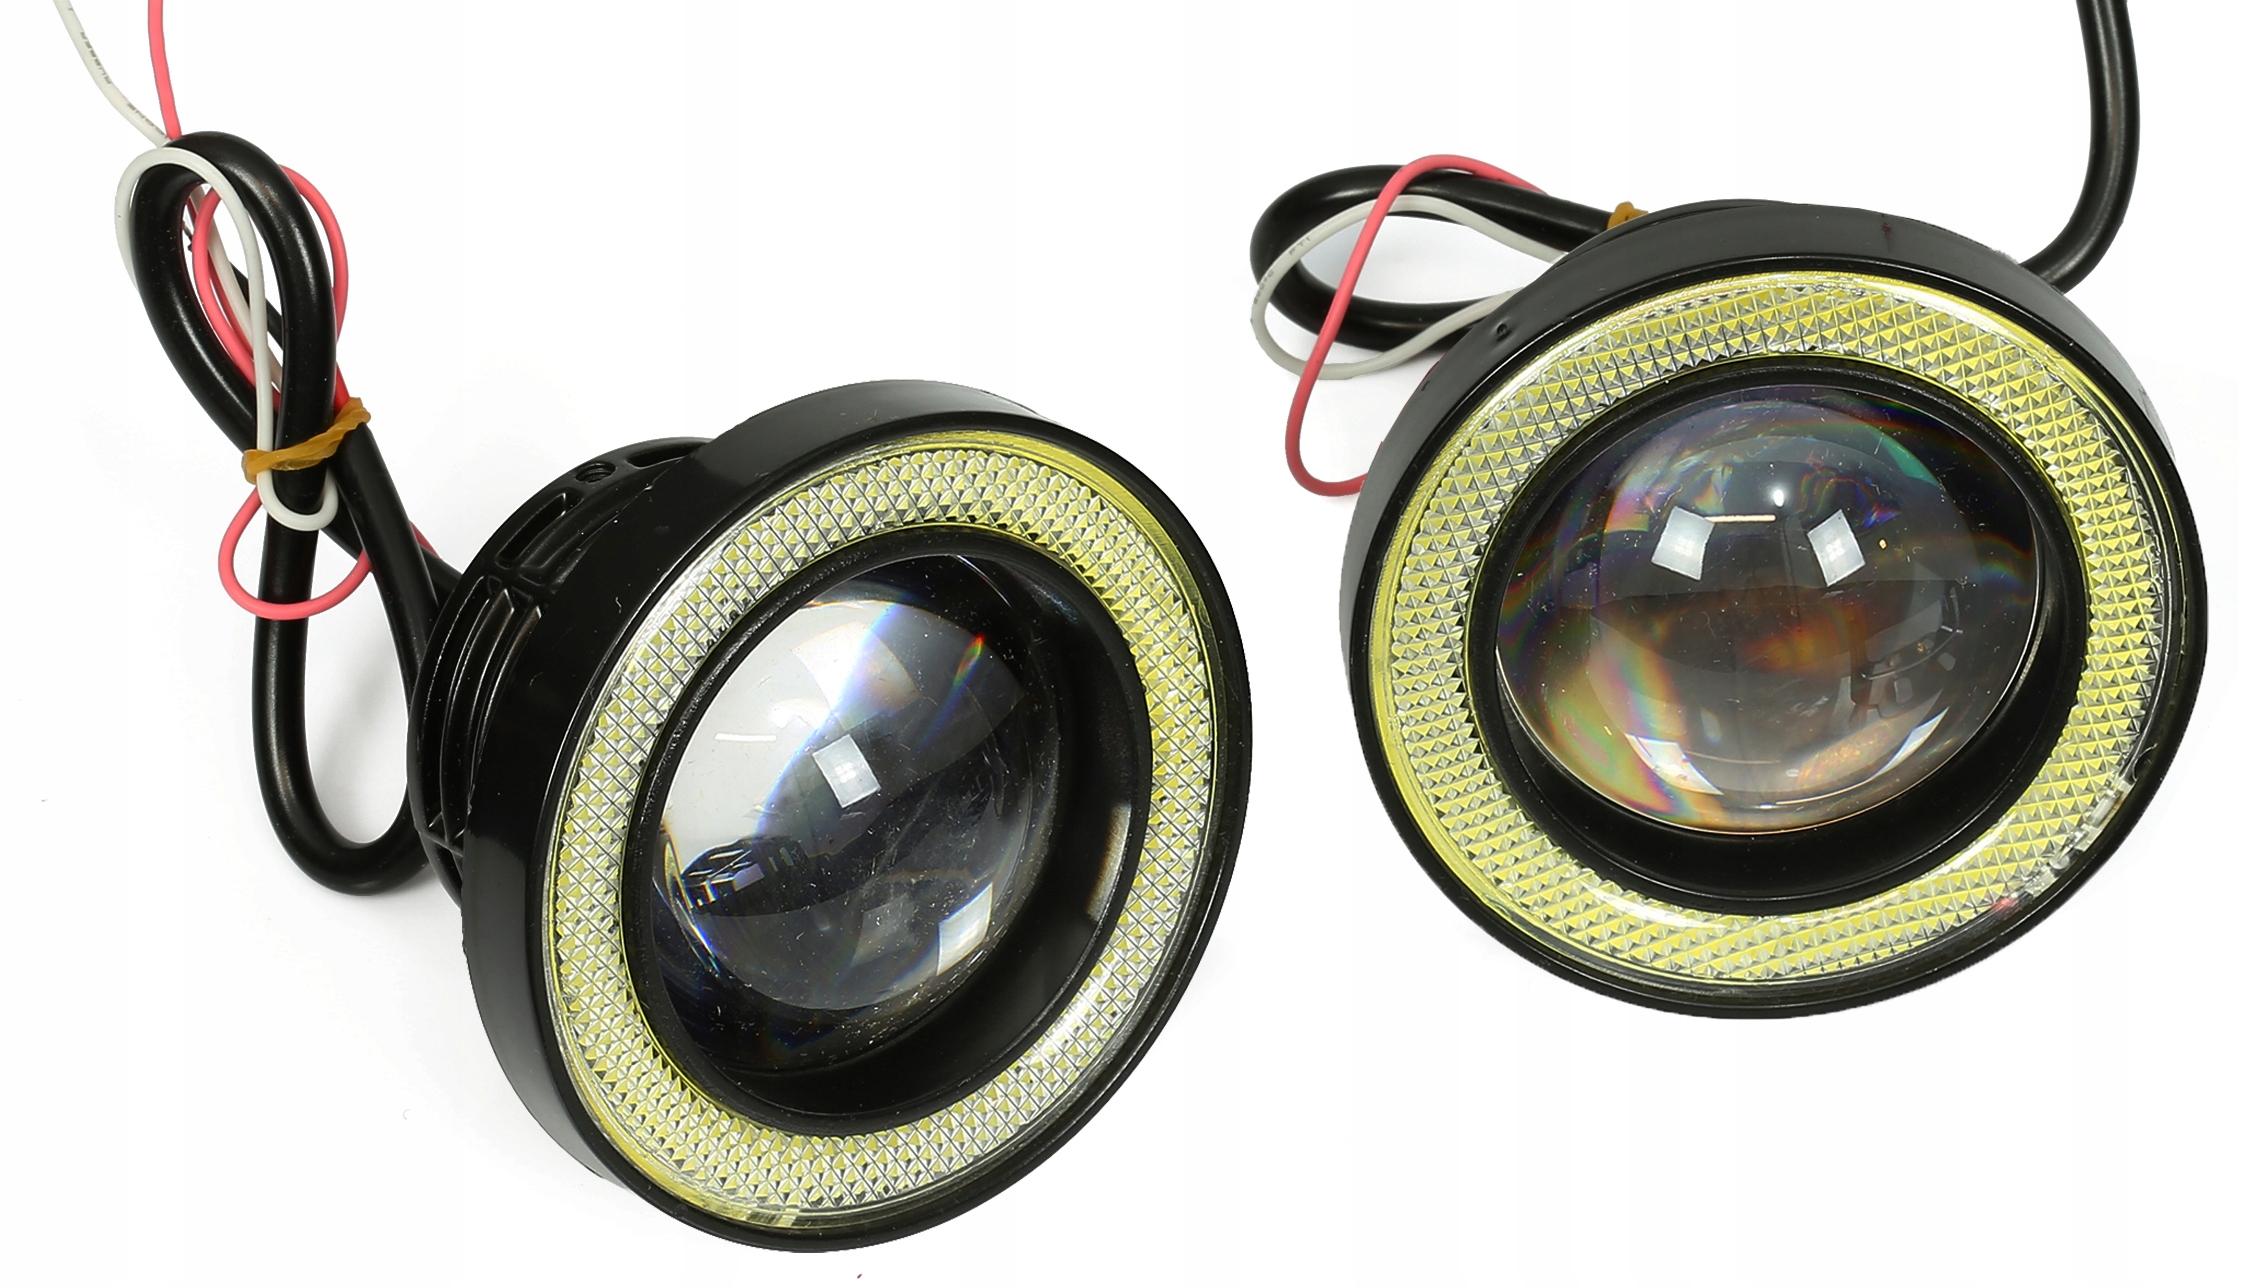 2w1 Света led cob лампы drl свет галоген 76mm